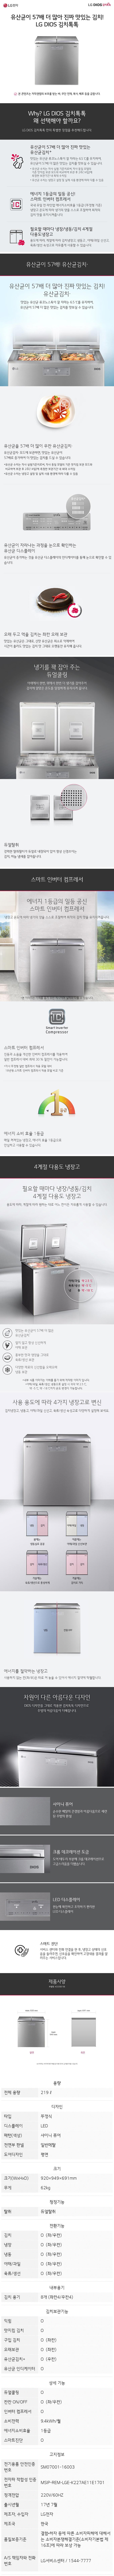 용산케이블 - LG 디오스 김치톡톡 (K222SS15E) 상세보기